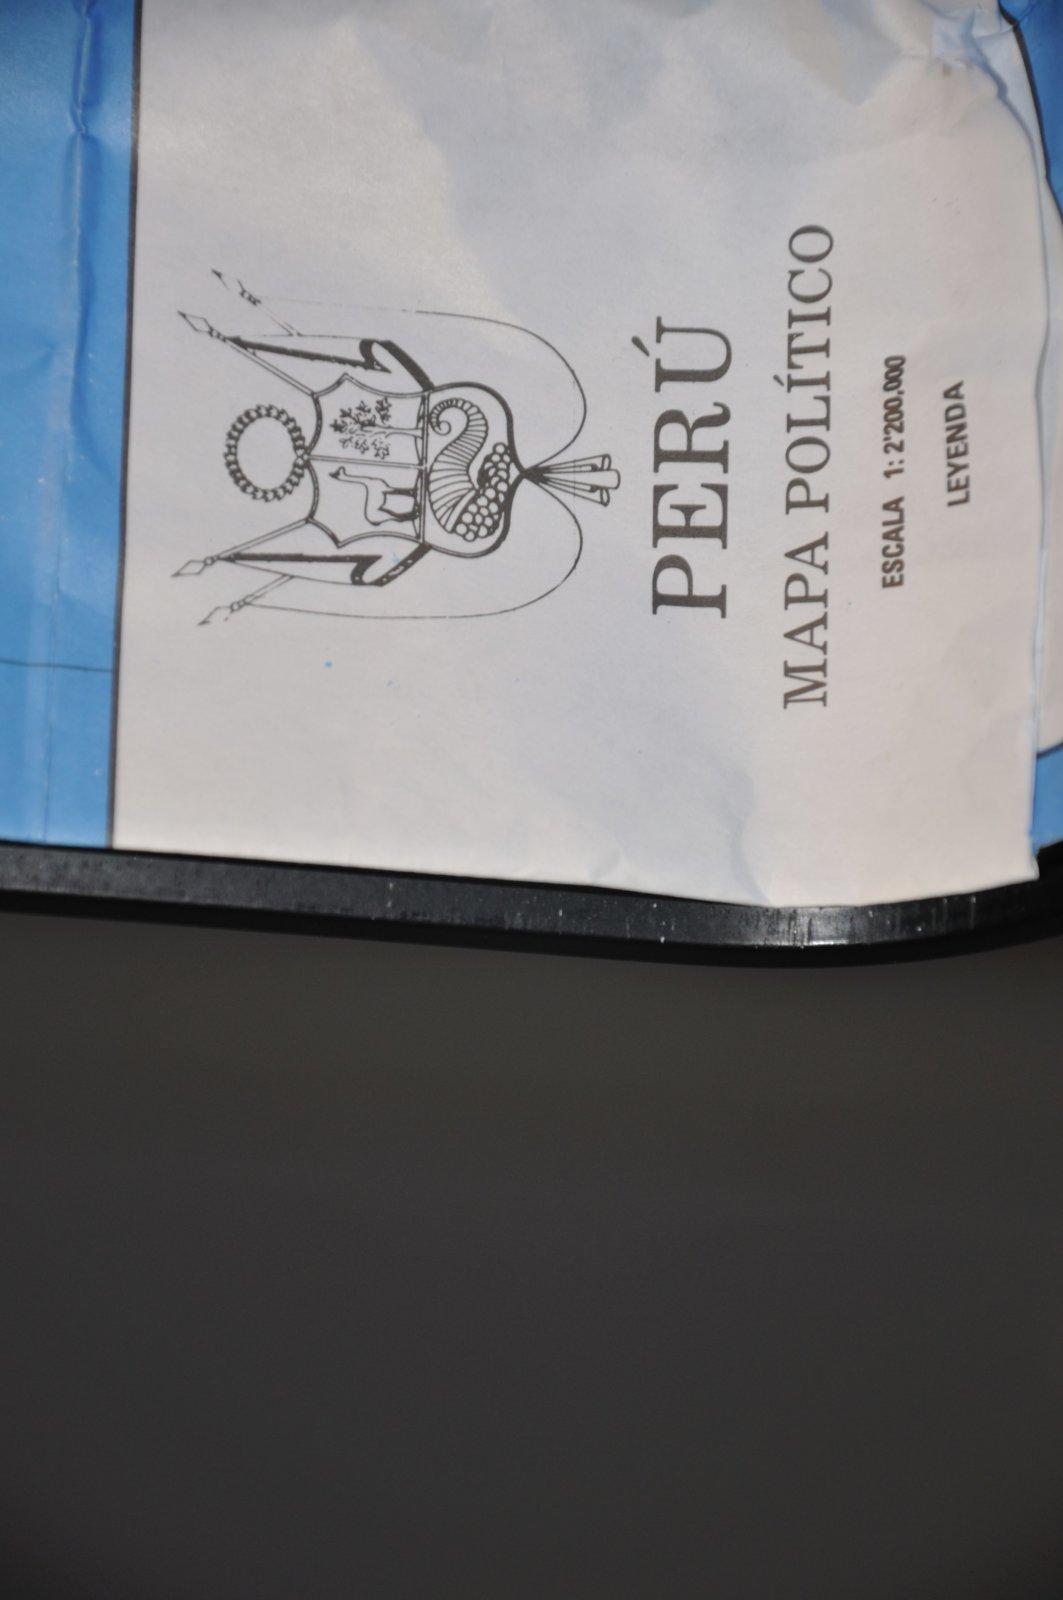 Kofferlamp Peru Made By Decreatievelink